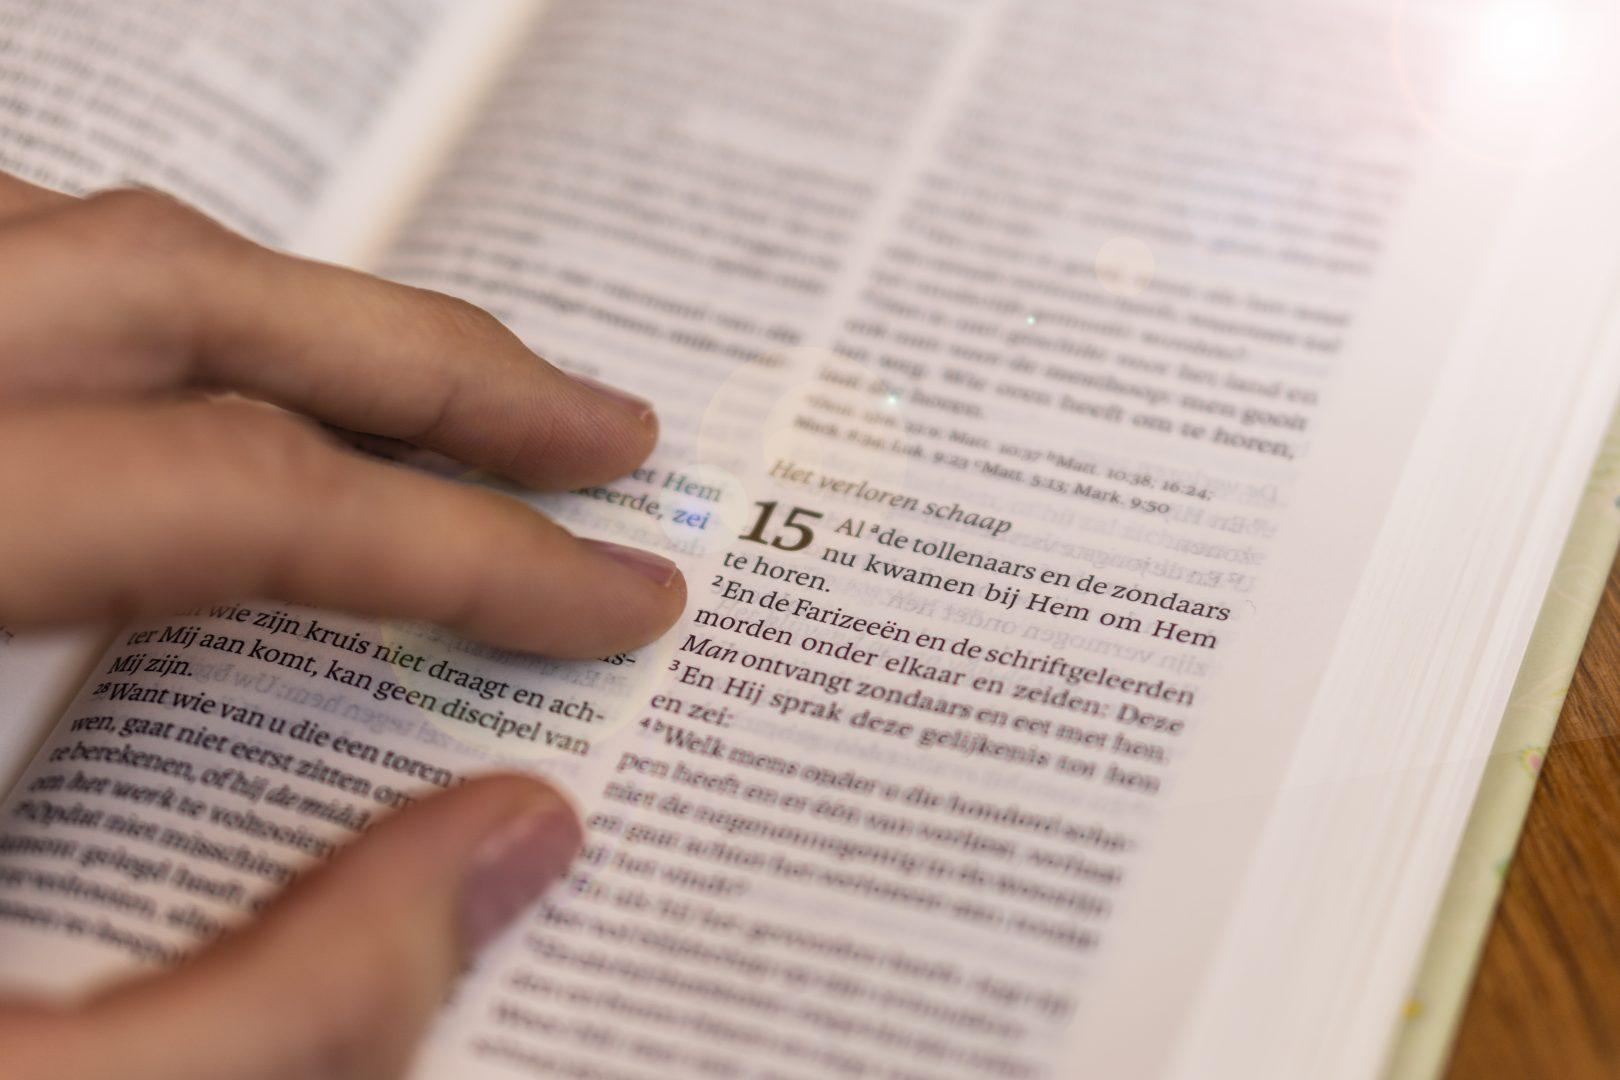 Bijbel – Het verloren schaap